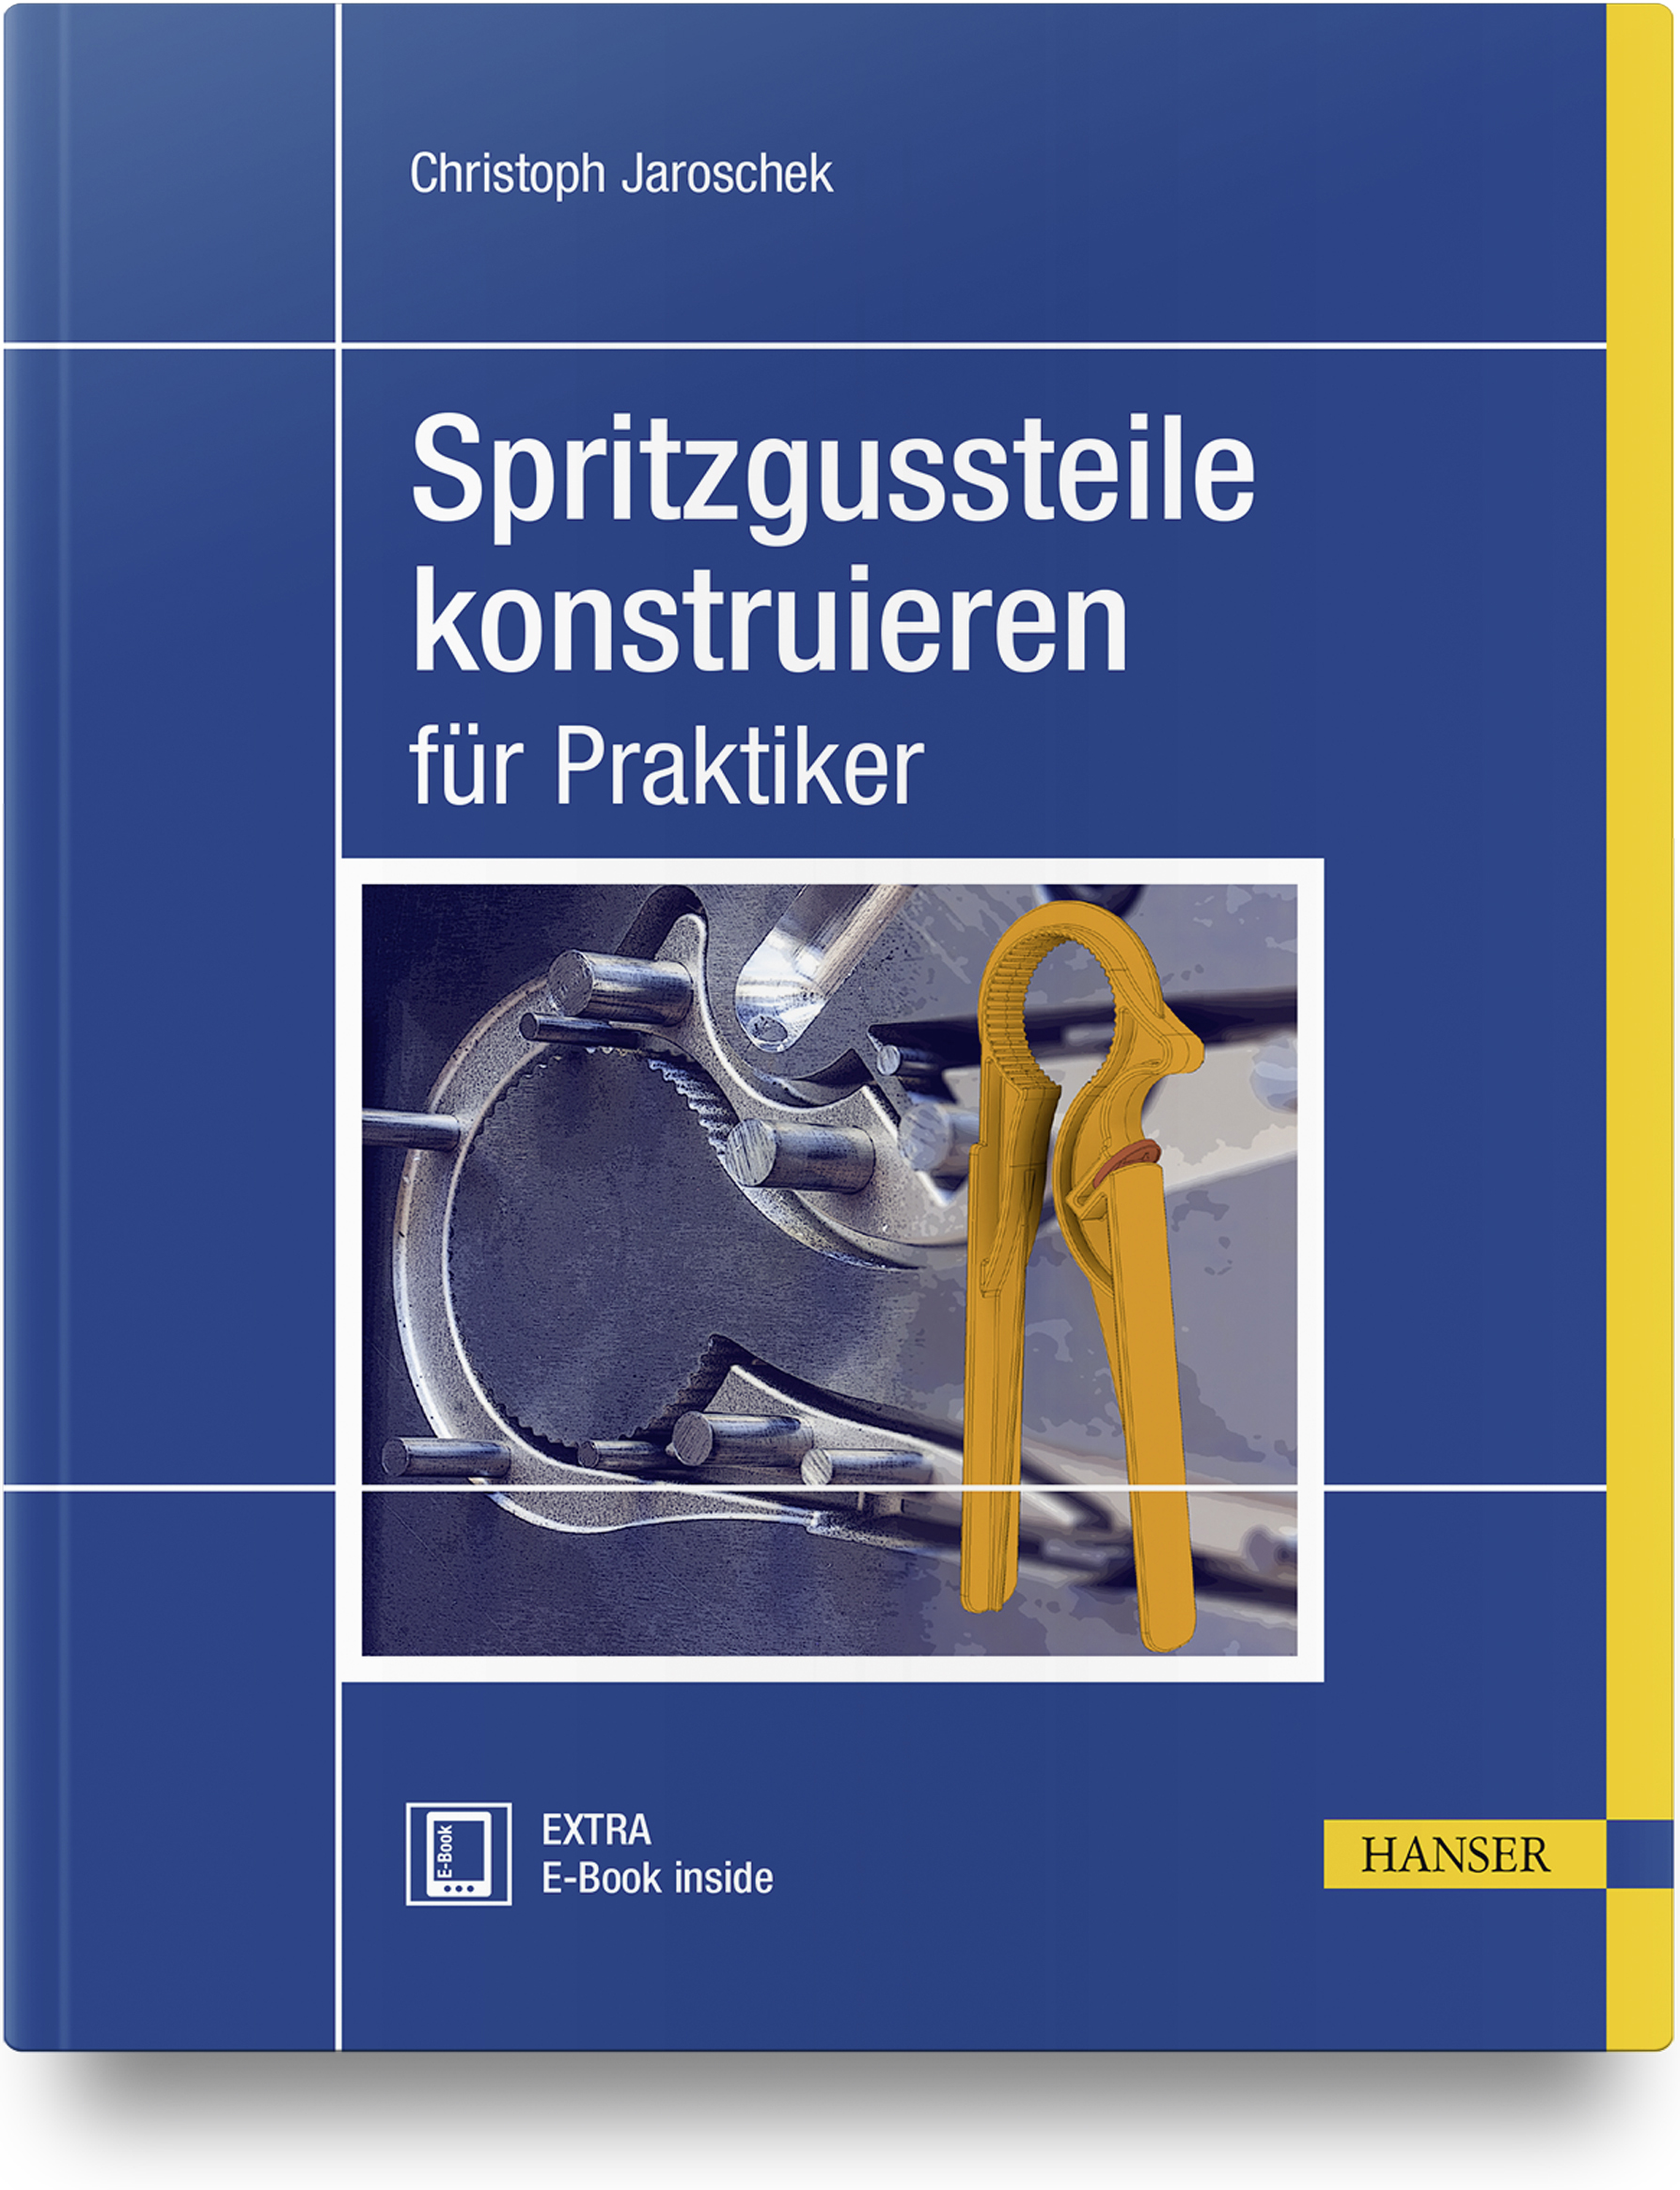 Jaroschek, Spritzgussteile konstruieren, 978-3-446-45508-5